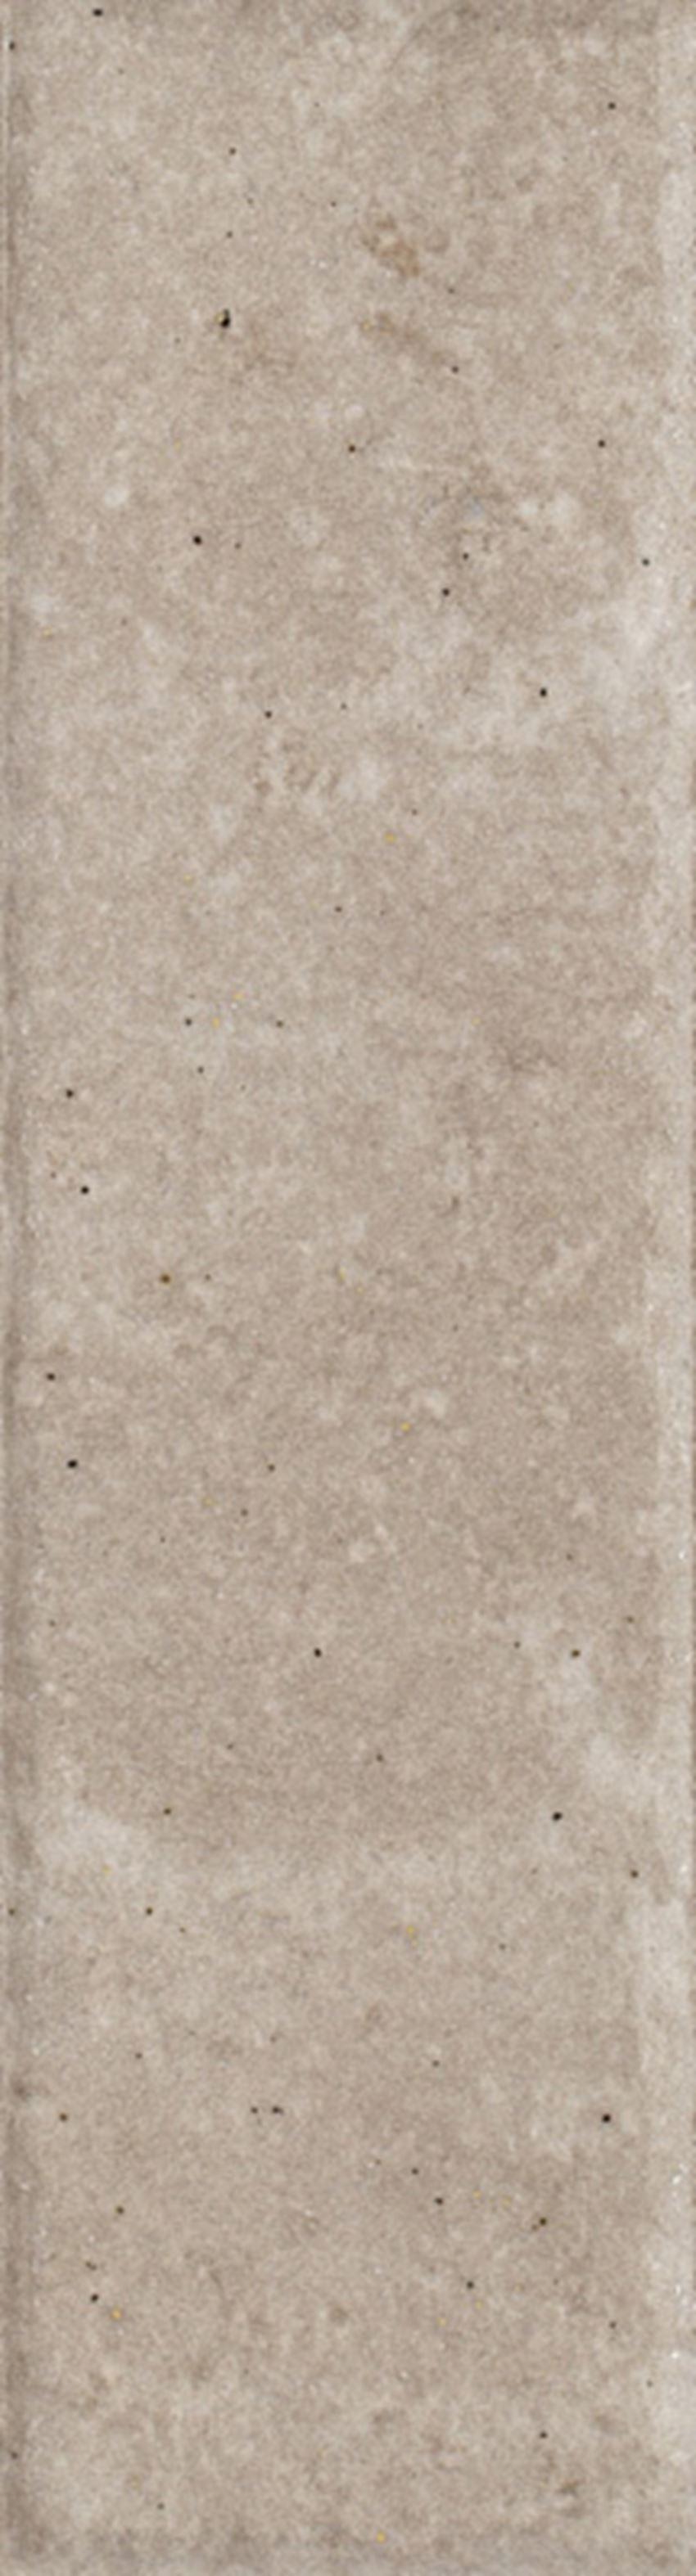 Płytka elewacyjna 6,6x24,5 cm Paradyż Viano Beige Elewacja